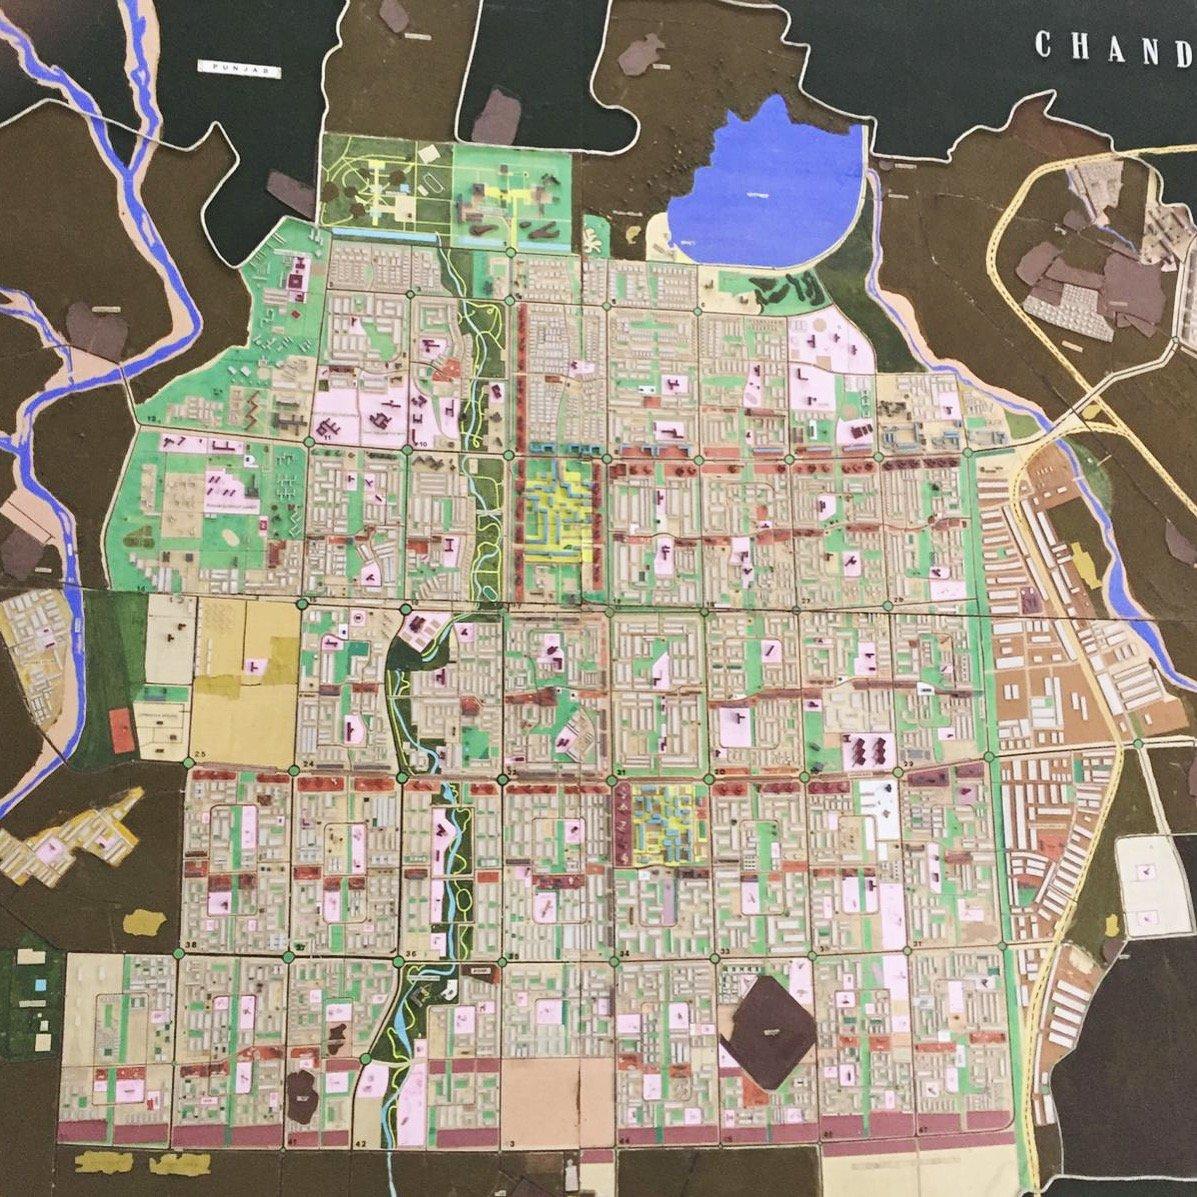 Chandigarh plan urbanistique